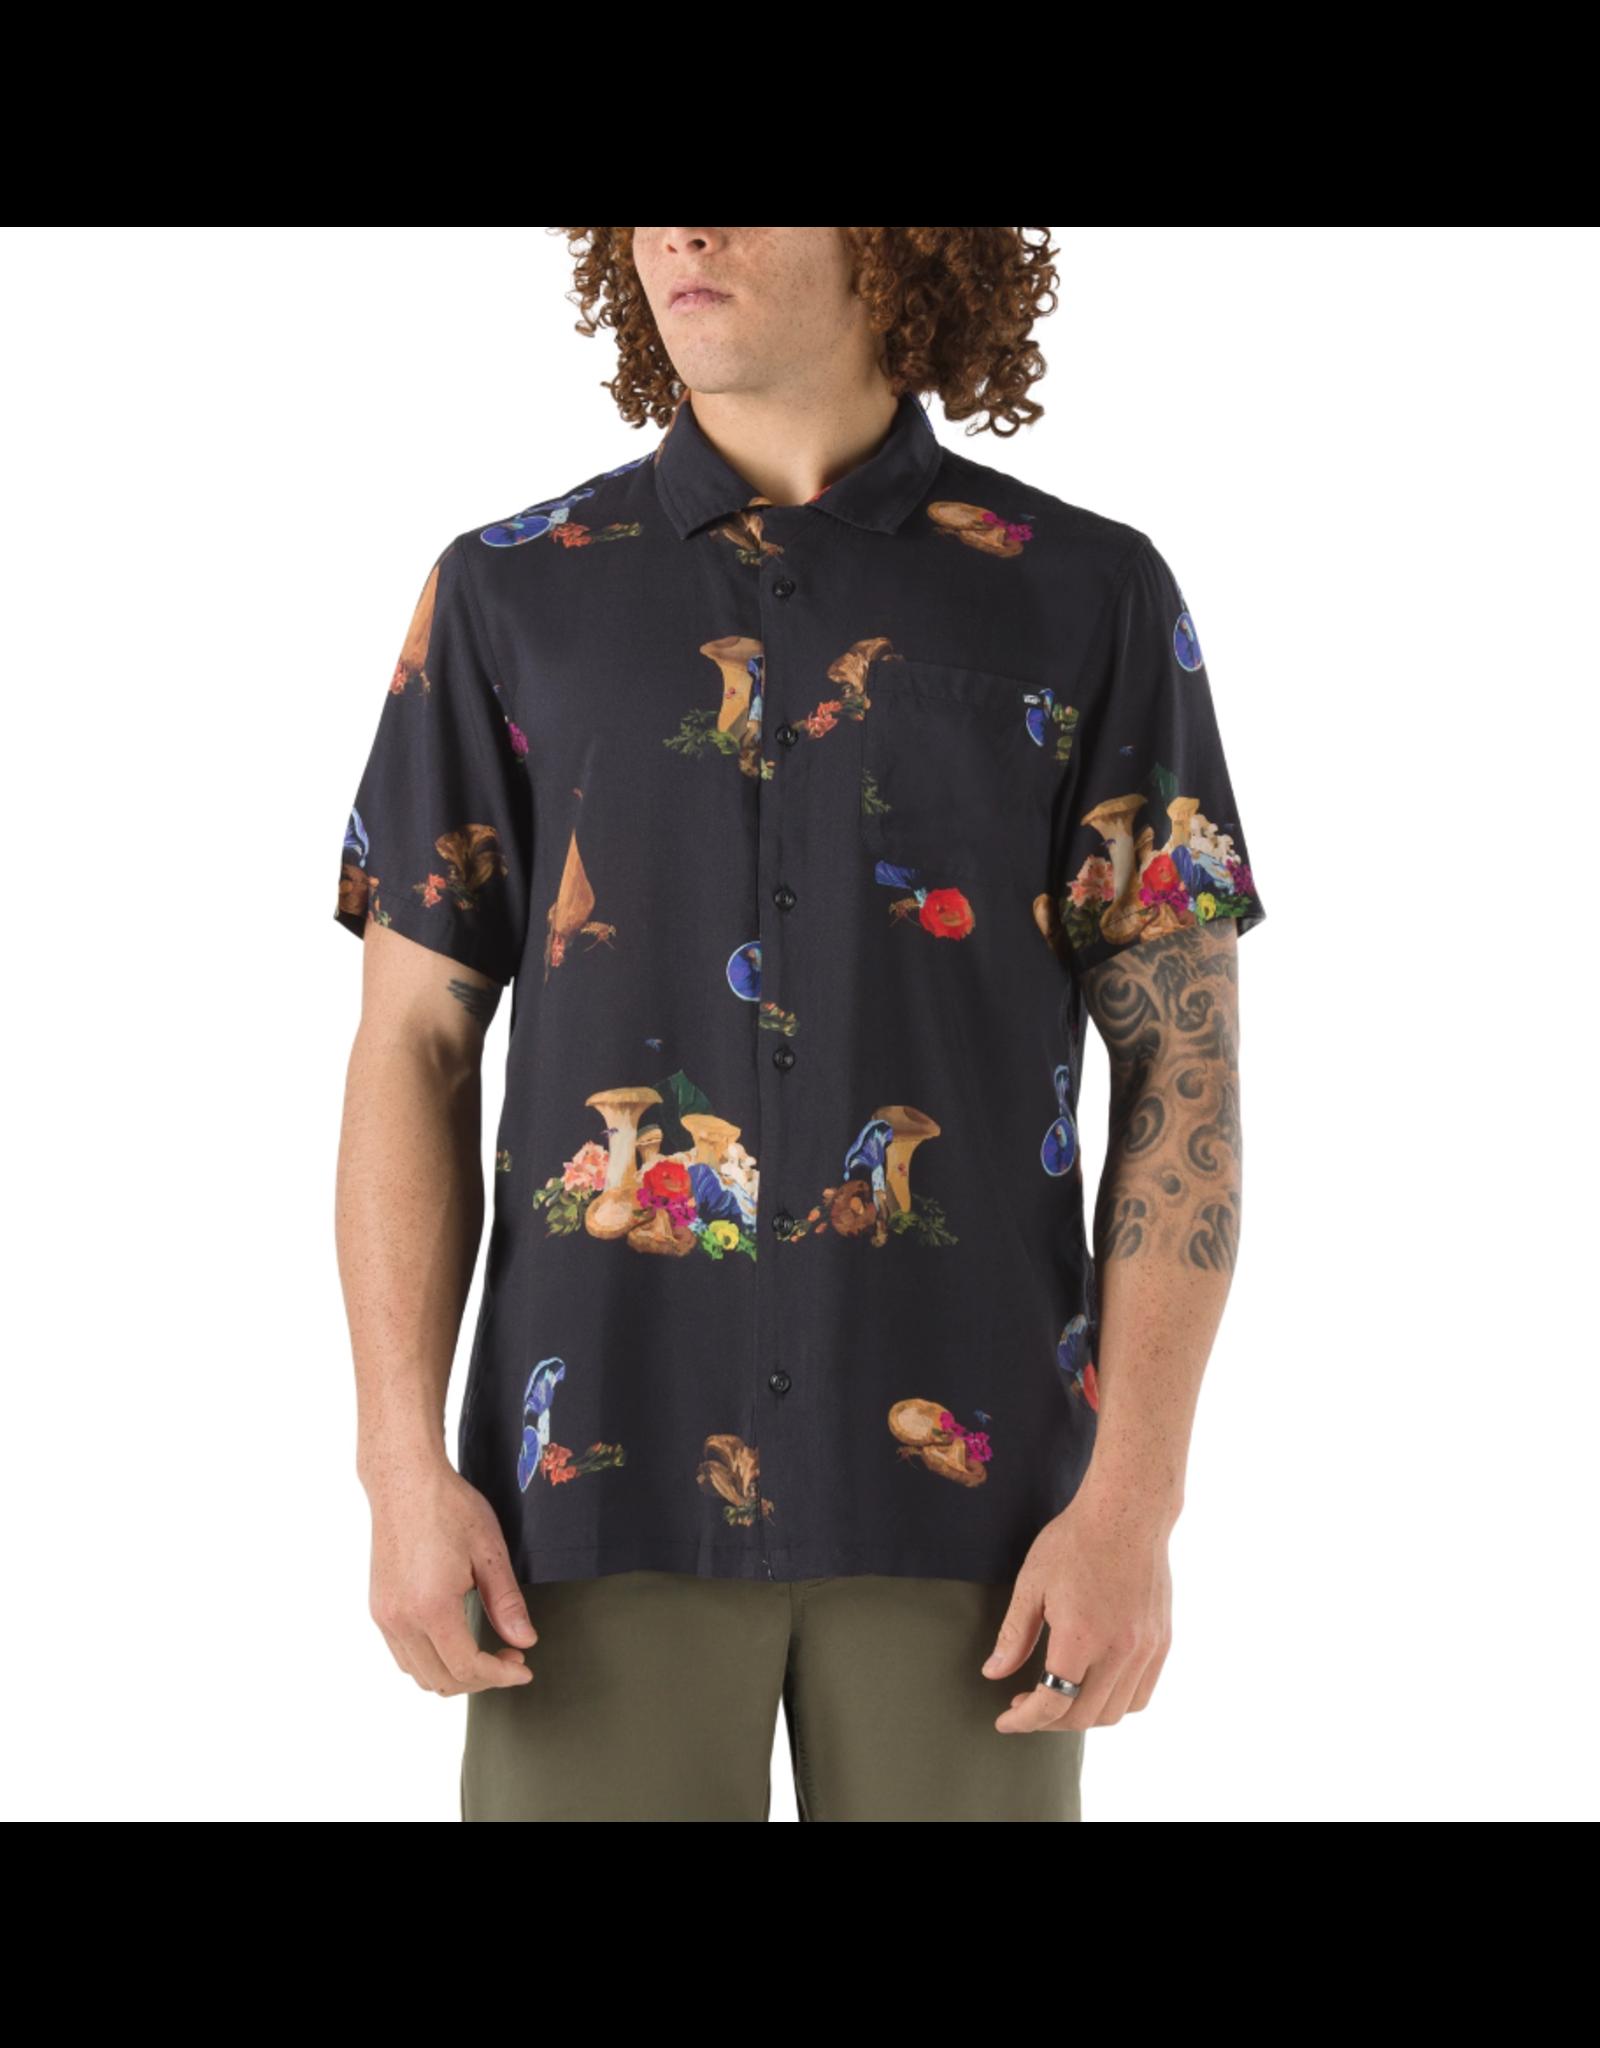 Vans Still Life Buttondown Shirt